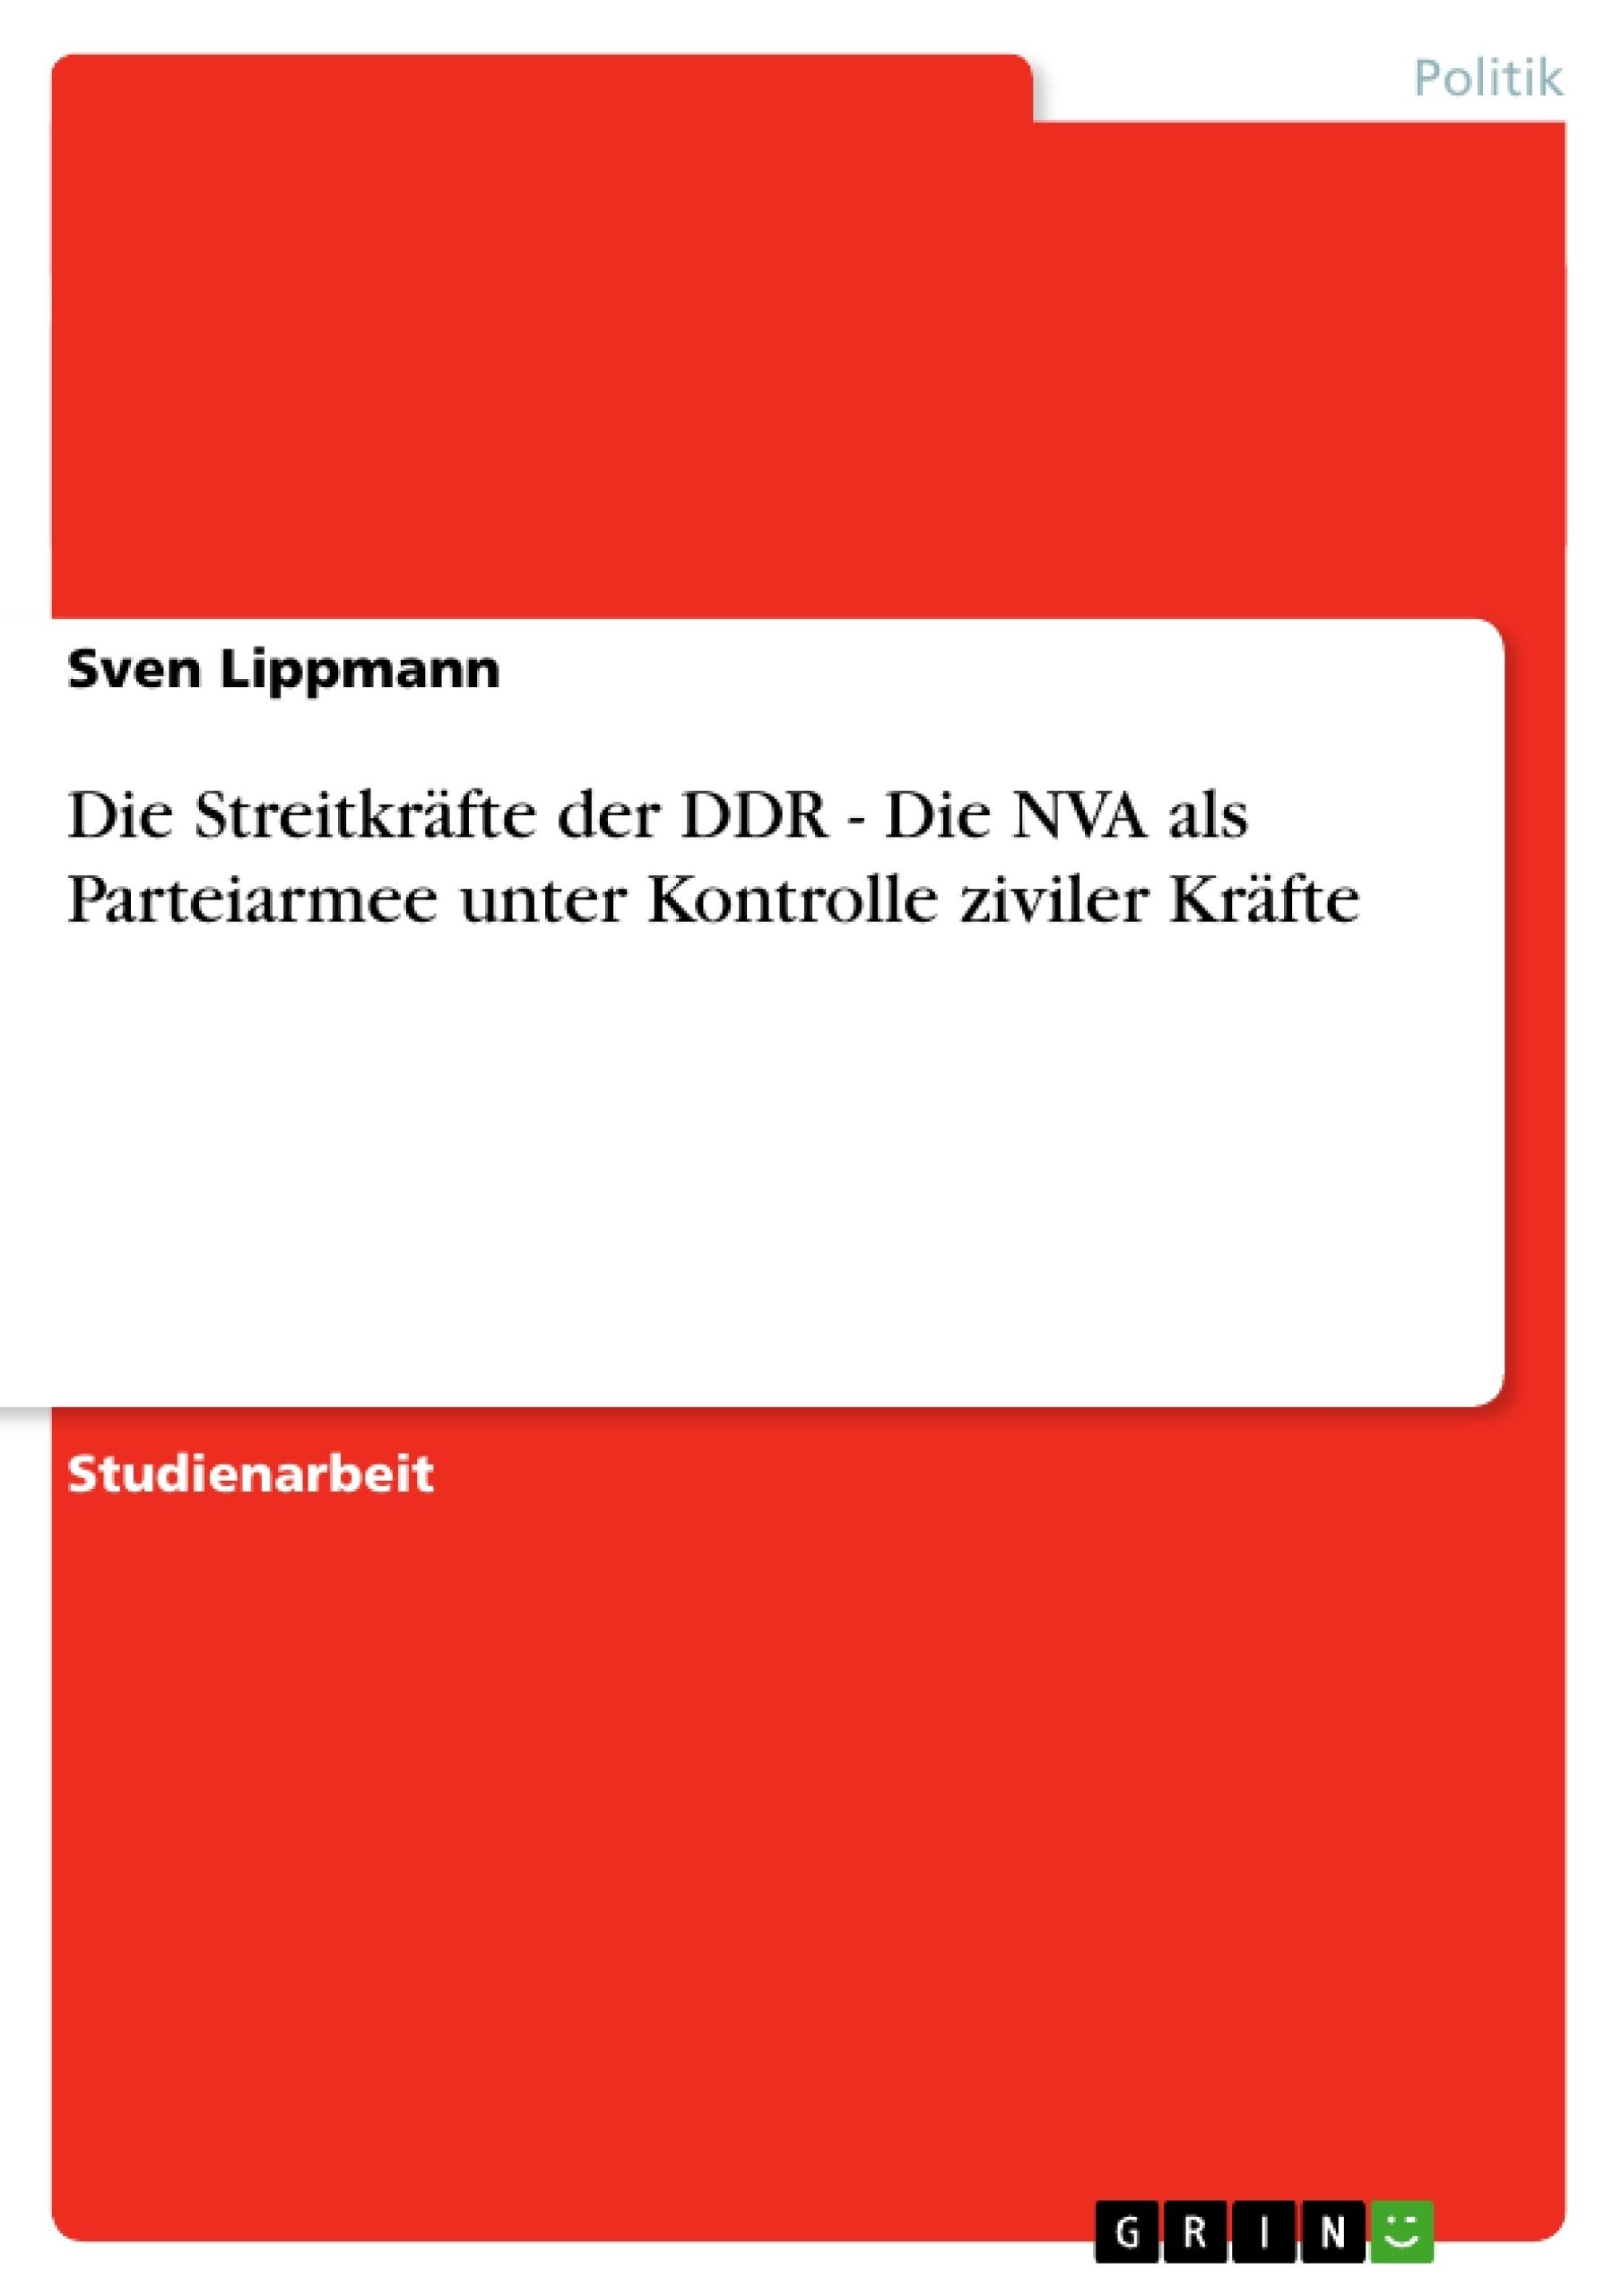 Titel: Die Streitkräfte der DDR - Die NVA als Parteiarmee unter Kontrolle ziviler Kräfte